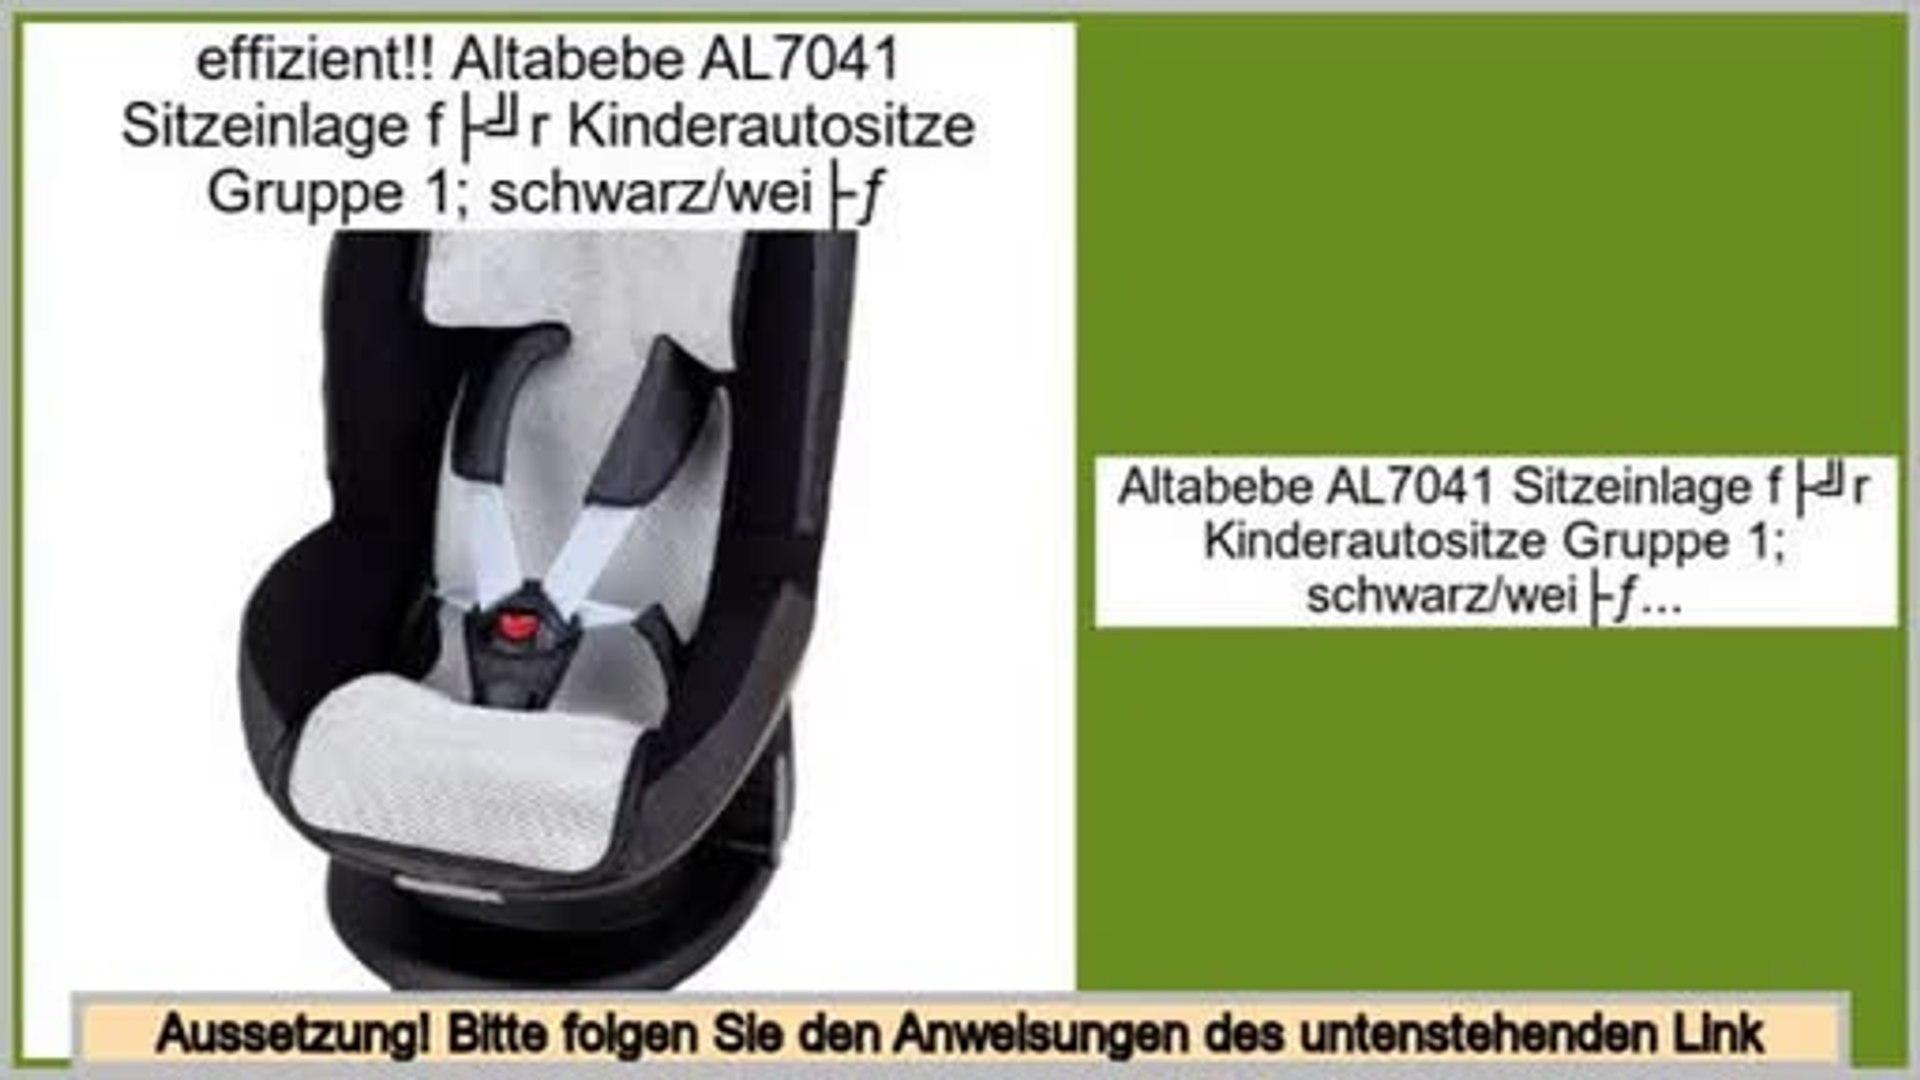 schwarz//wei/ß Altabebe AL7040 Sitzeinlage f/ür Kinderautositze Gruppe 0